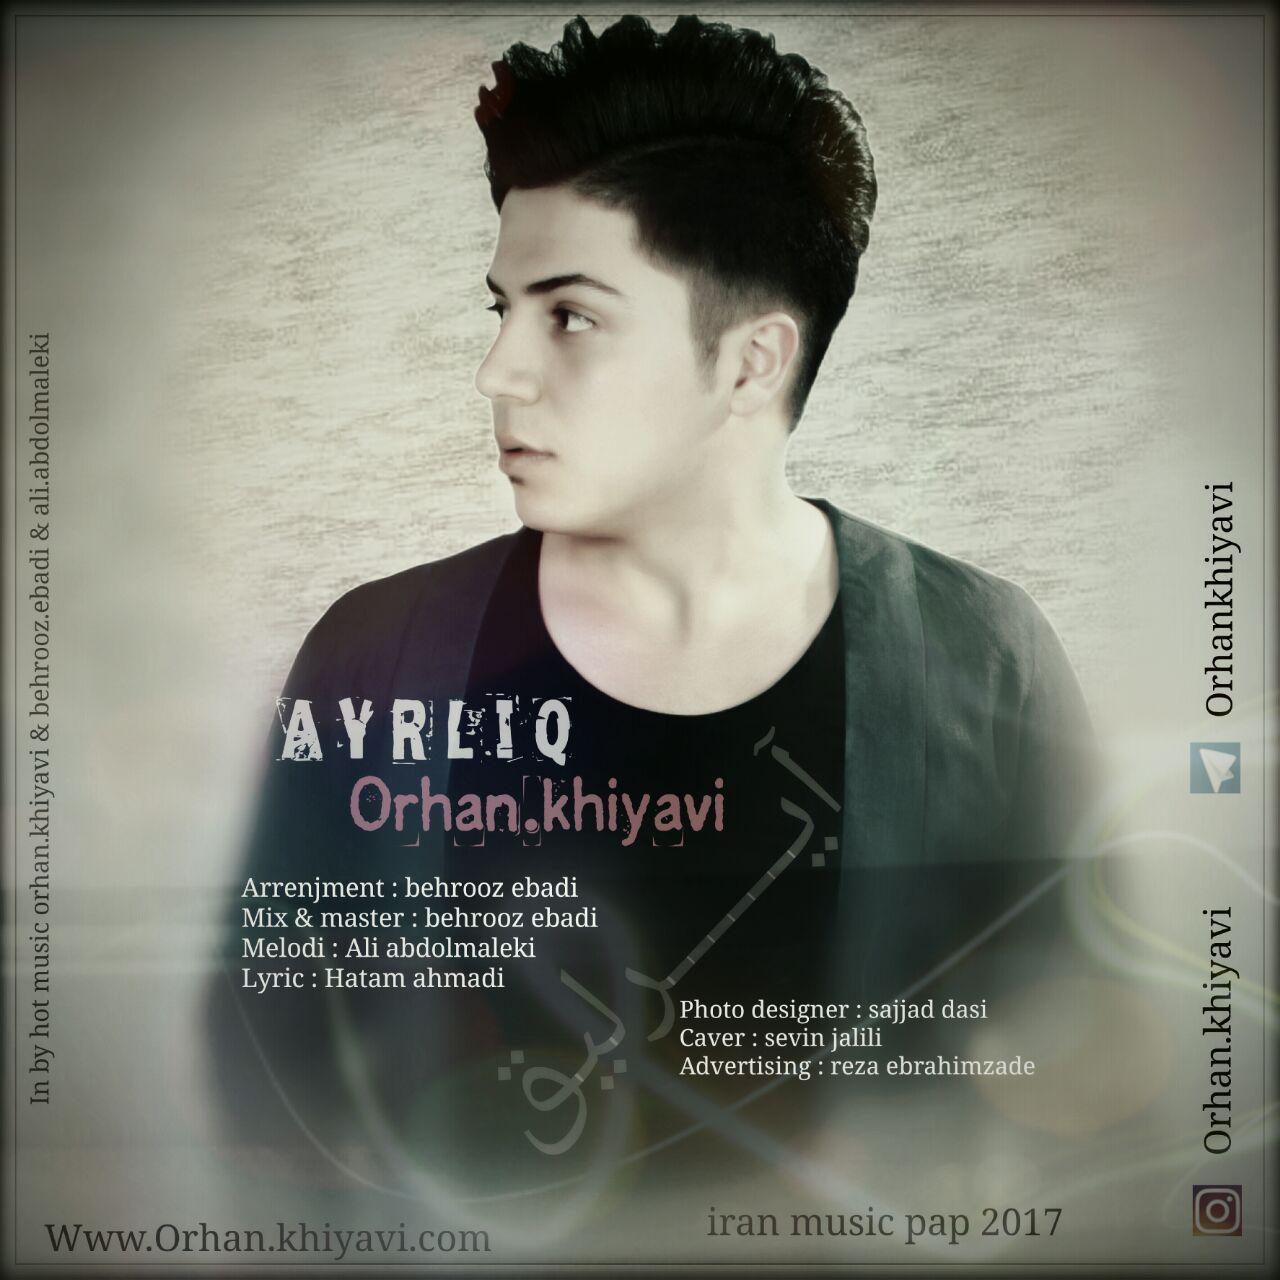 http://s9.picofile.com/file/8356437742/15Orhan_khiyavi_Ayrilq.jpg